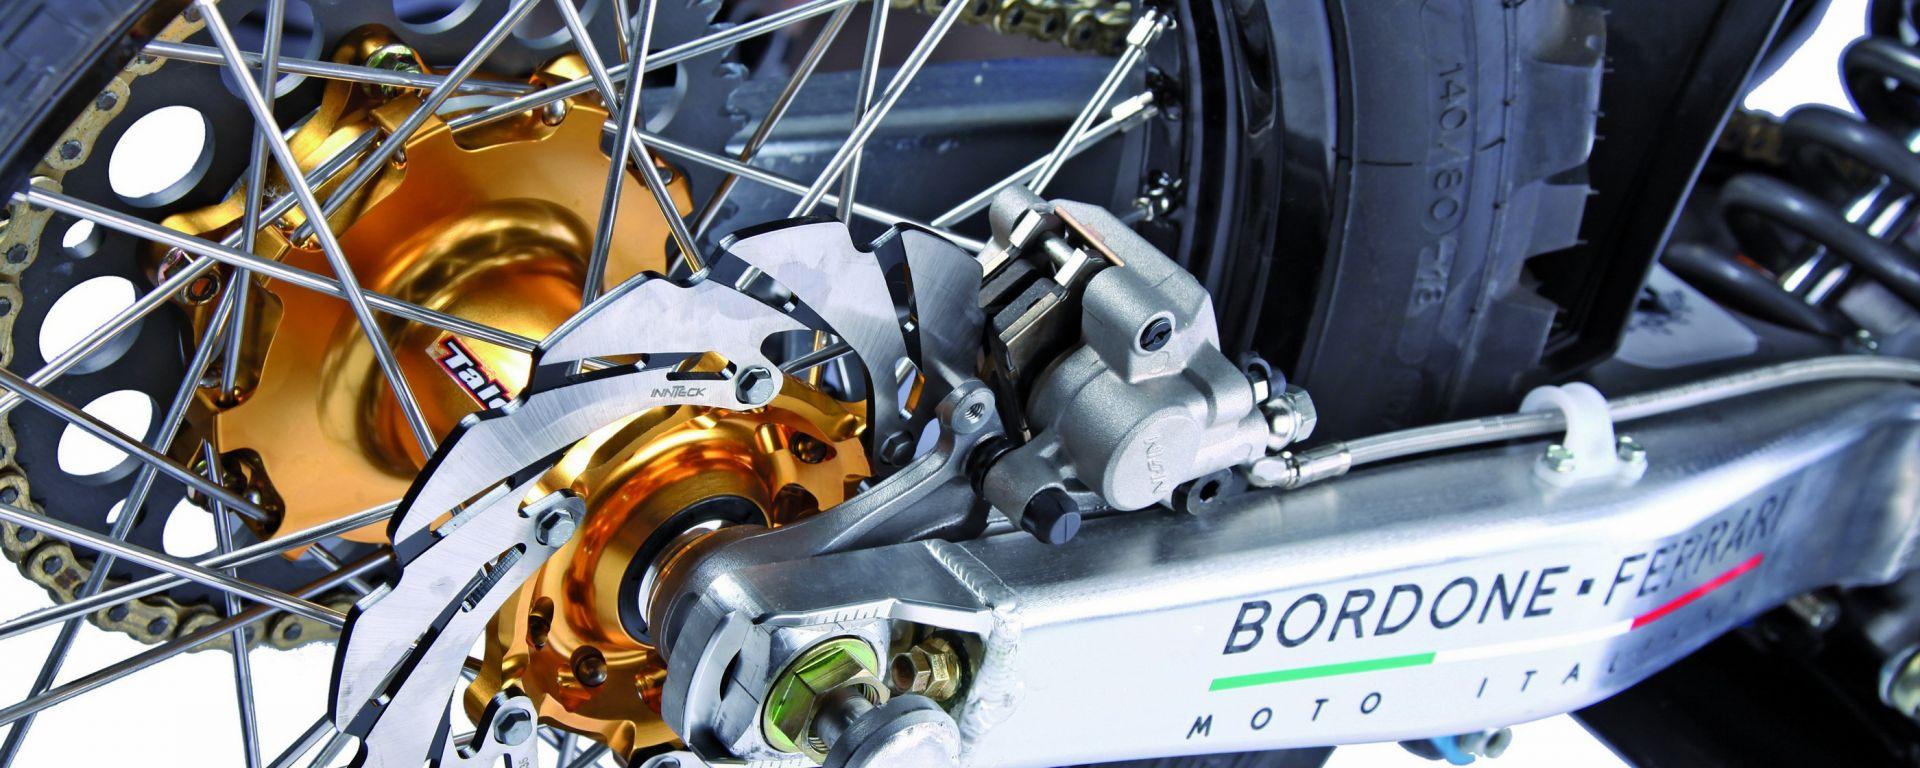 Bordone - Ferrari Moto Italiana Mi1, nuove foto ufficiali